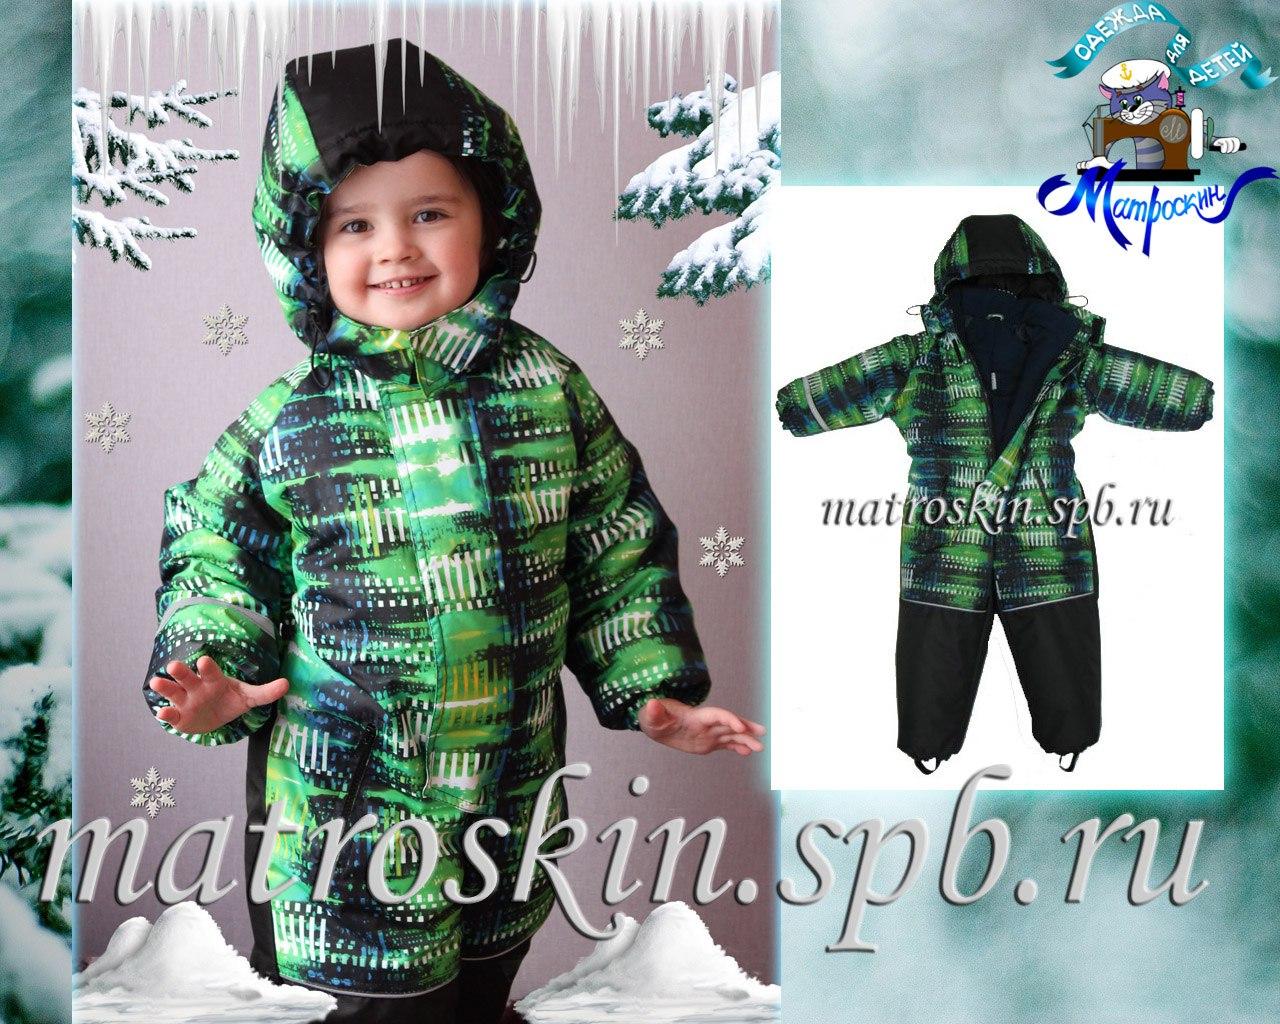 Сбор заказов. Утепляемся! Верхняя одежда для детей, цены от производителя. Мембранные костюмы, комбинезоны, куртки и штаны! Выкуп 14.